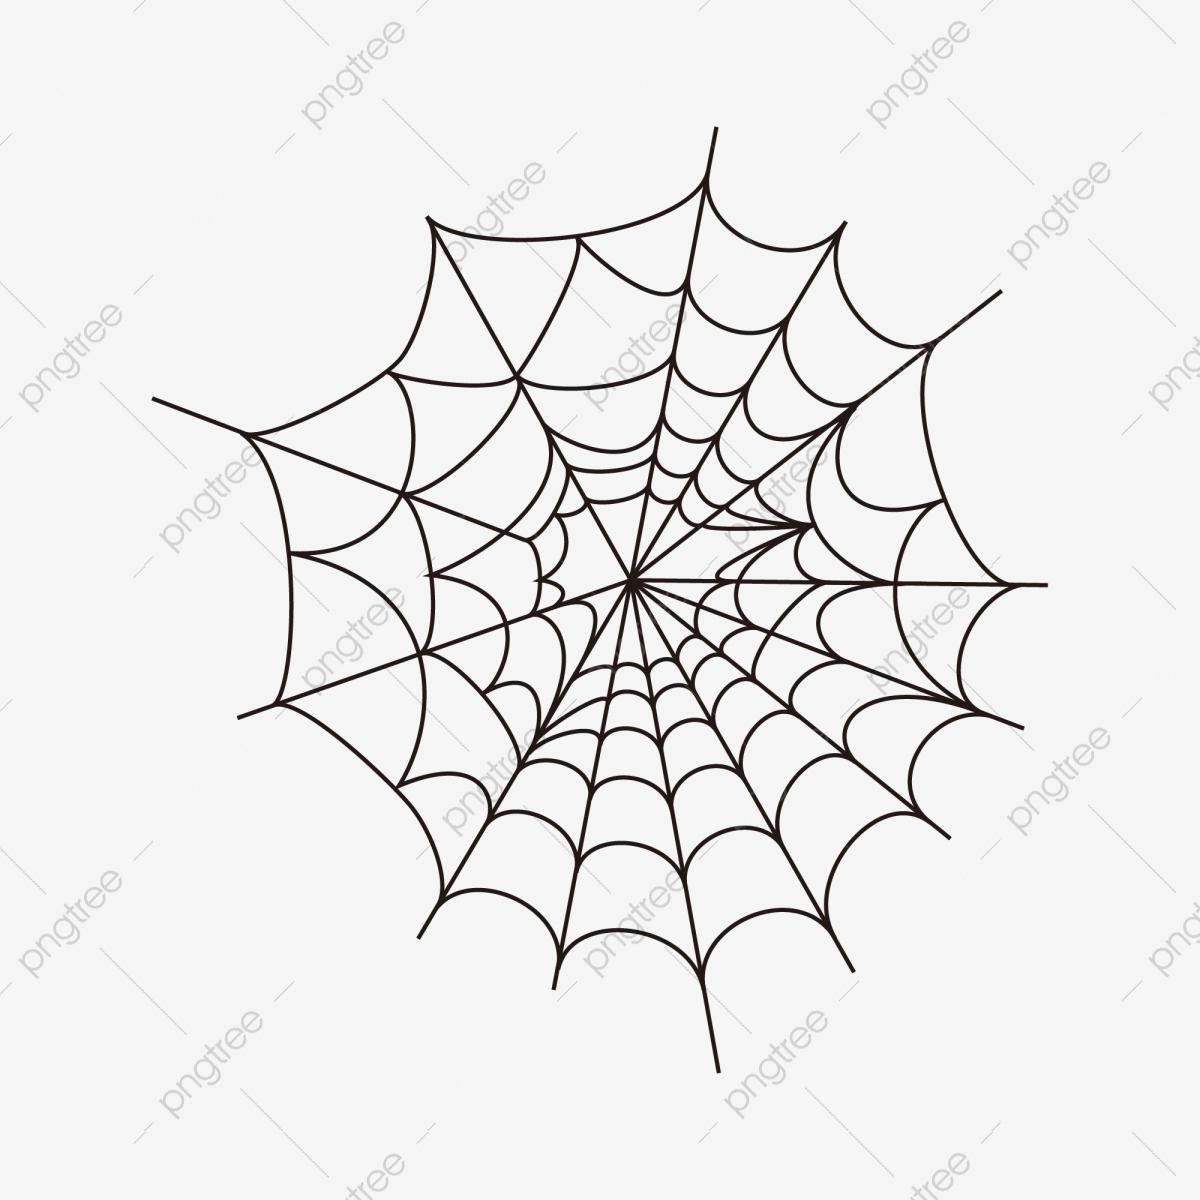 Dessin De Toiles D'araignées En Matière De Toiles D tout Dessiner Une Araignee